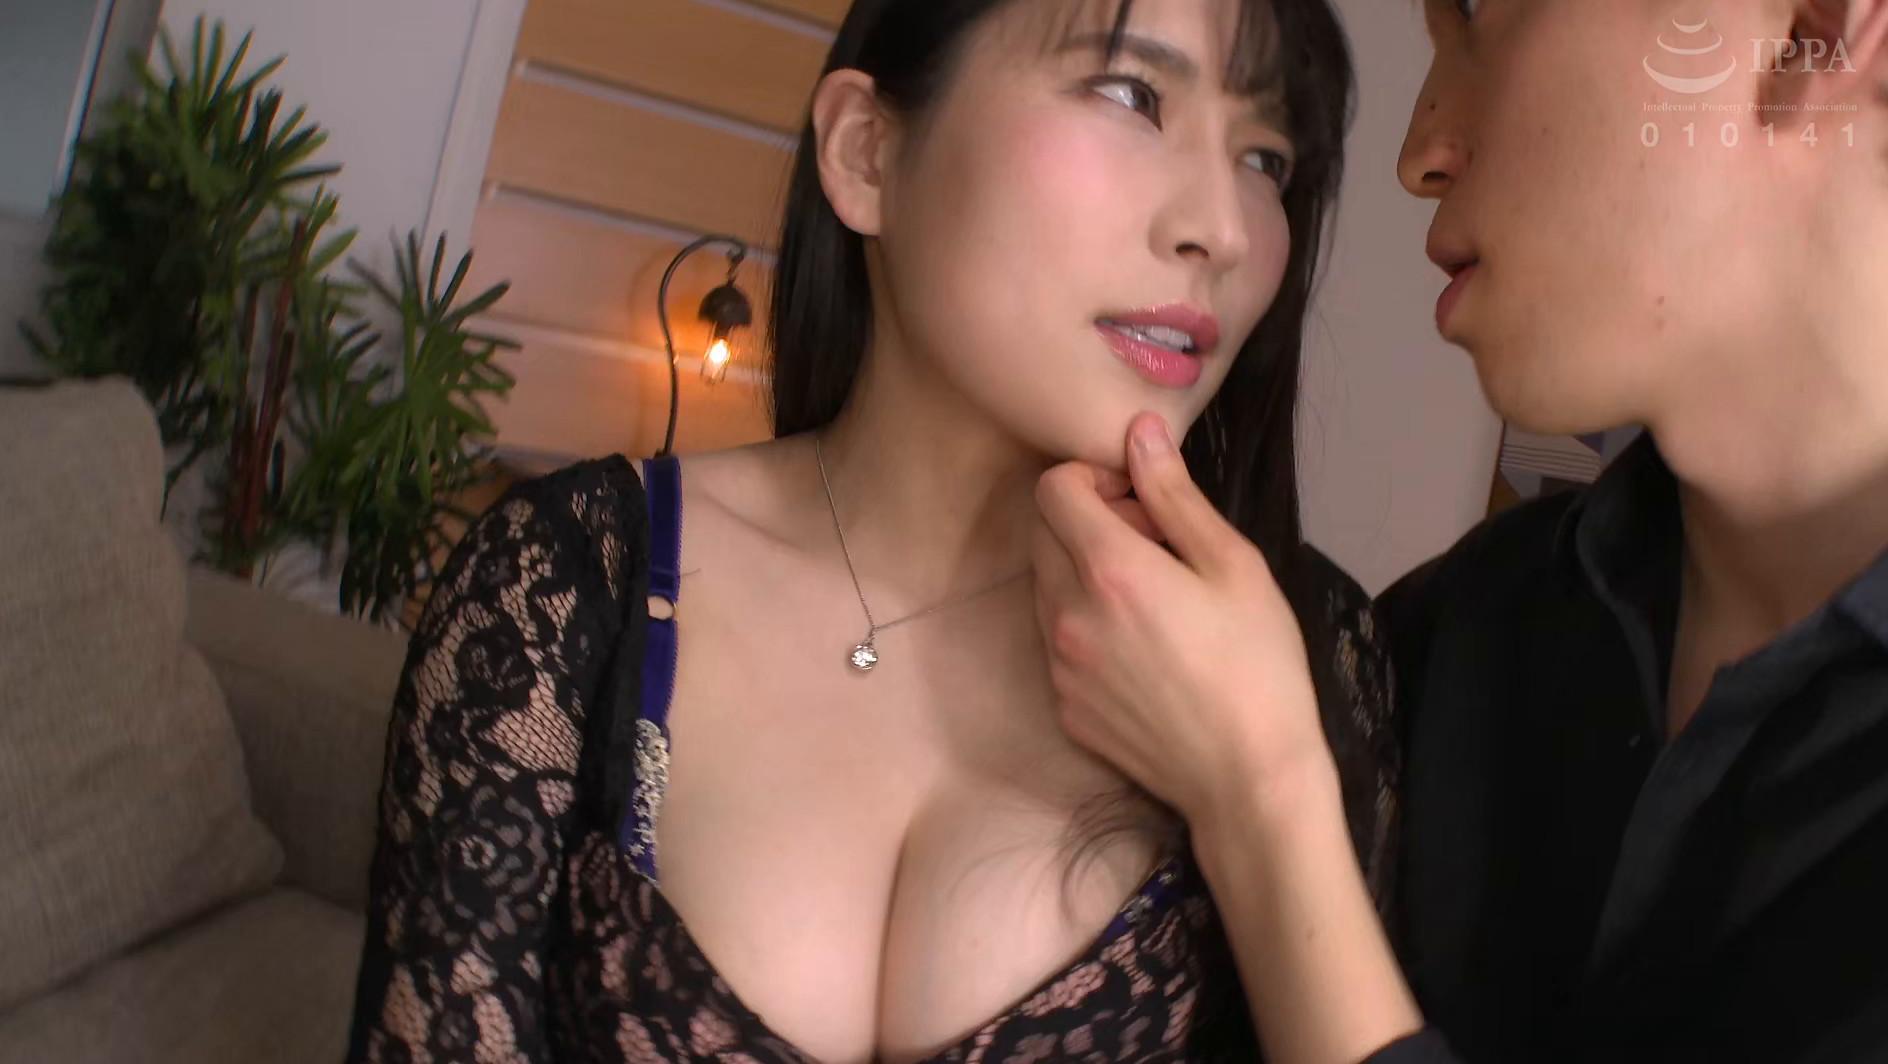 ぶっかけマゾ妻 美人のマゾ人妻を集団ザーメン弄び 岩沢香代 画像2